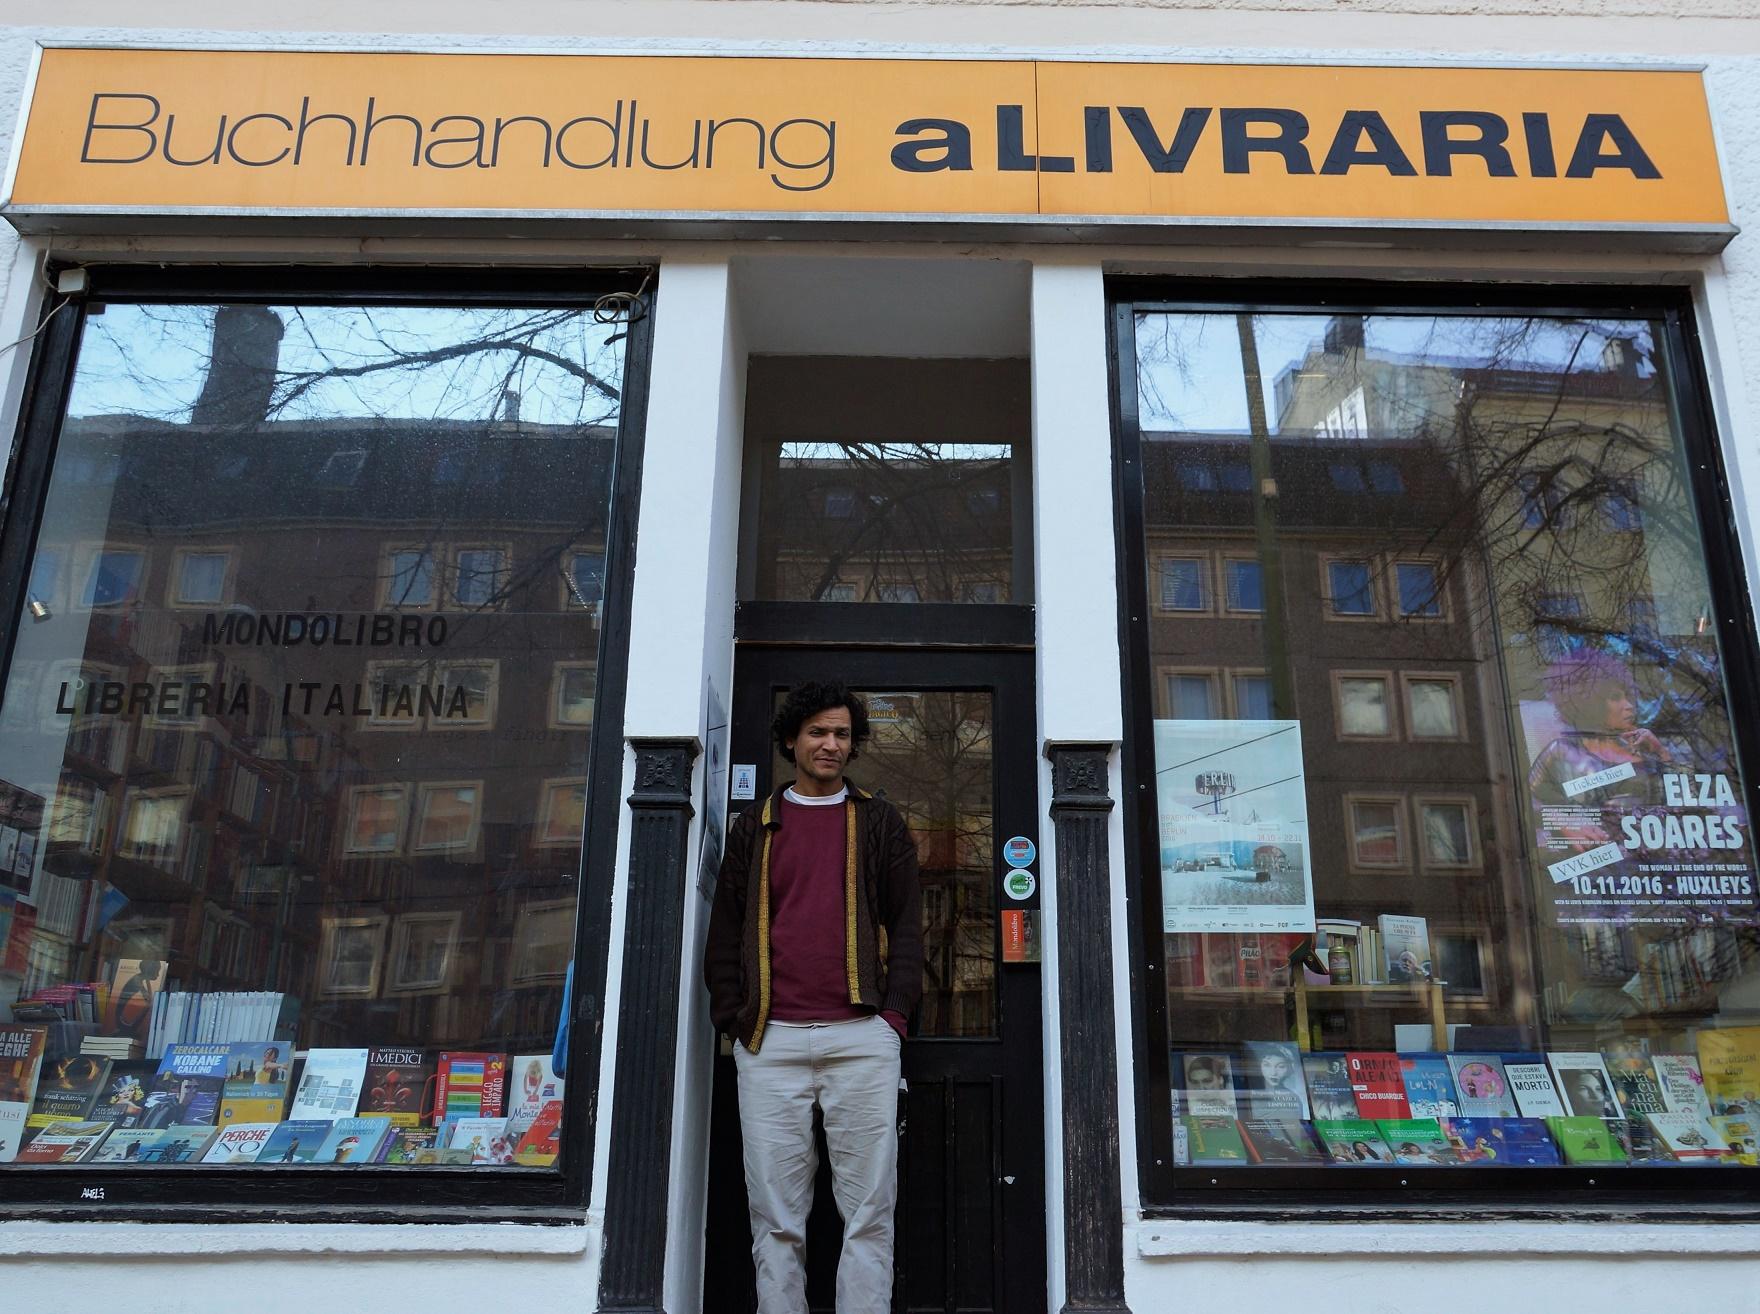 A Livraria se transformou num polo de difusão cultural e promove debates, leituras e um festival anual, o Brasilien trifft Berlin. Foto Fernando Molica